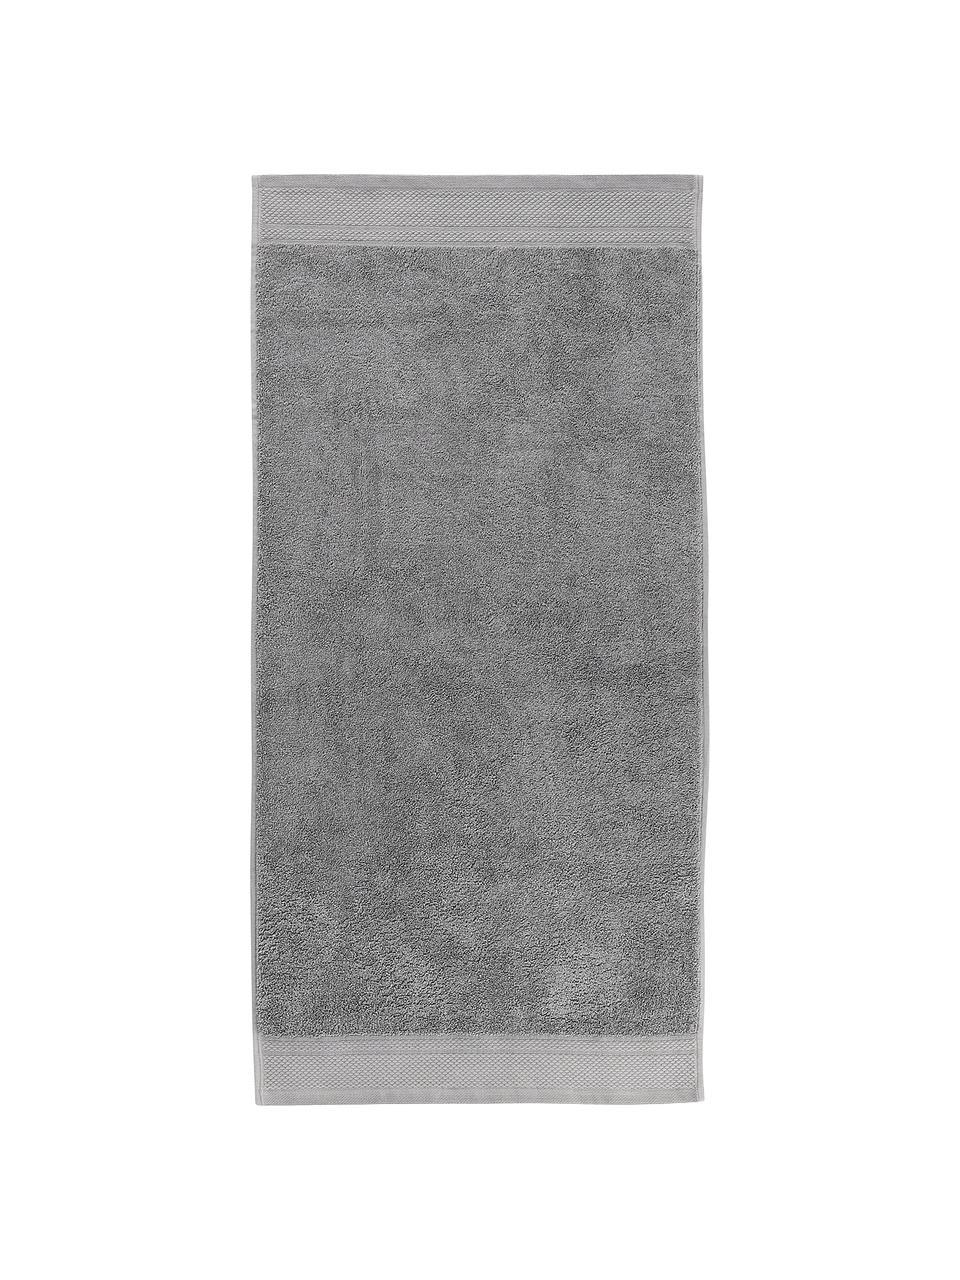 Handdoekenset Premium, 3-delig, Donkergrijs, Set met verschillende formaten